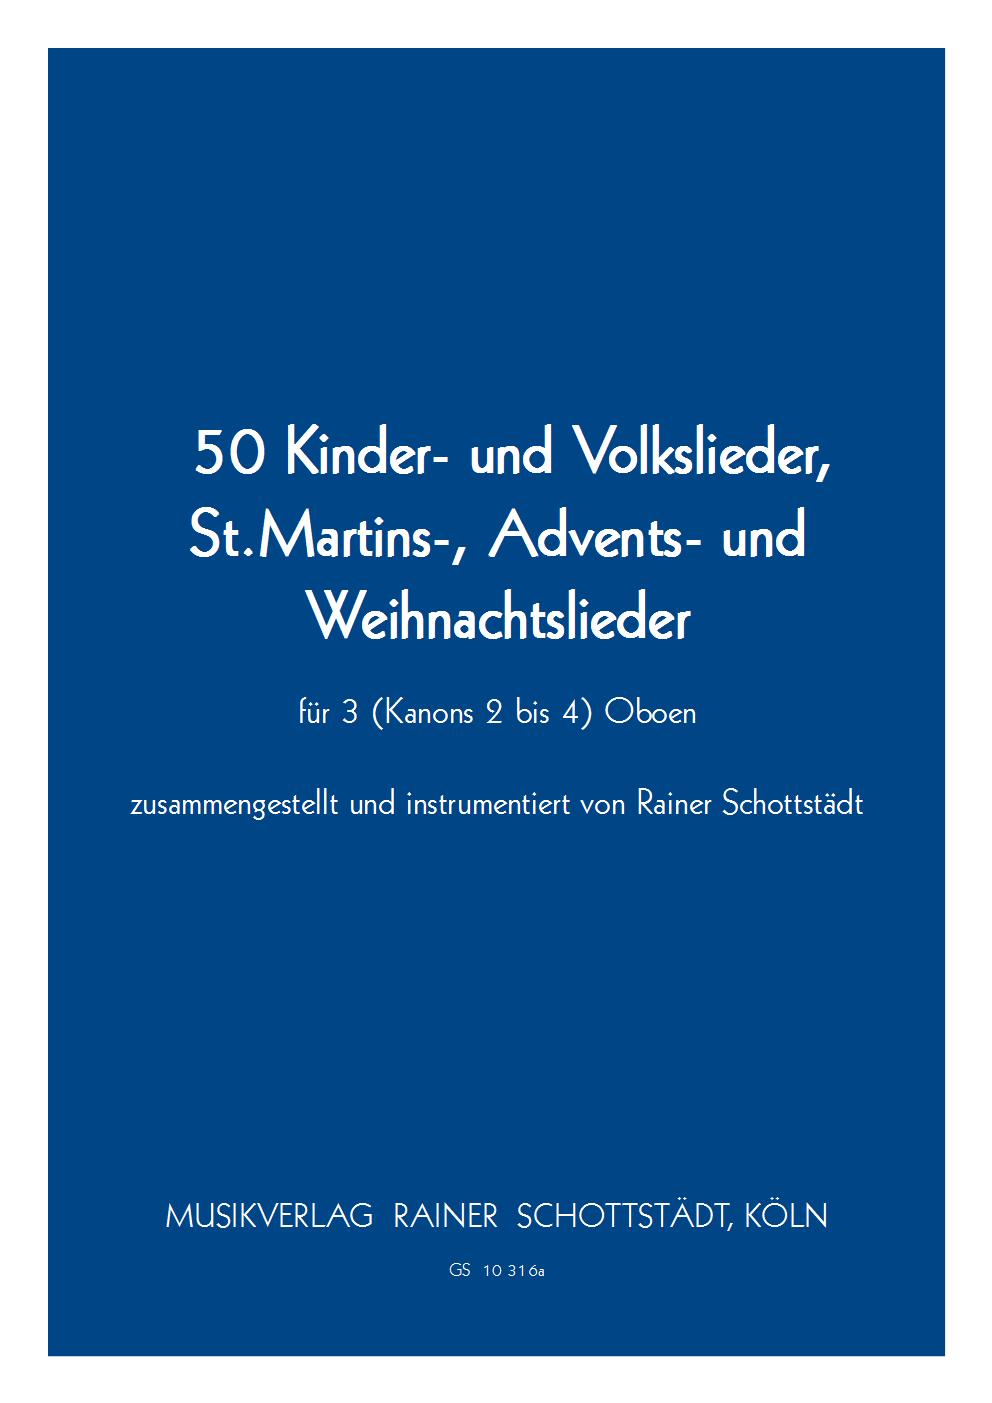 50 Kinder-, Volks-, St.Martins-, Advents- und Weihnachtslieder ...